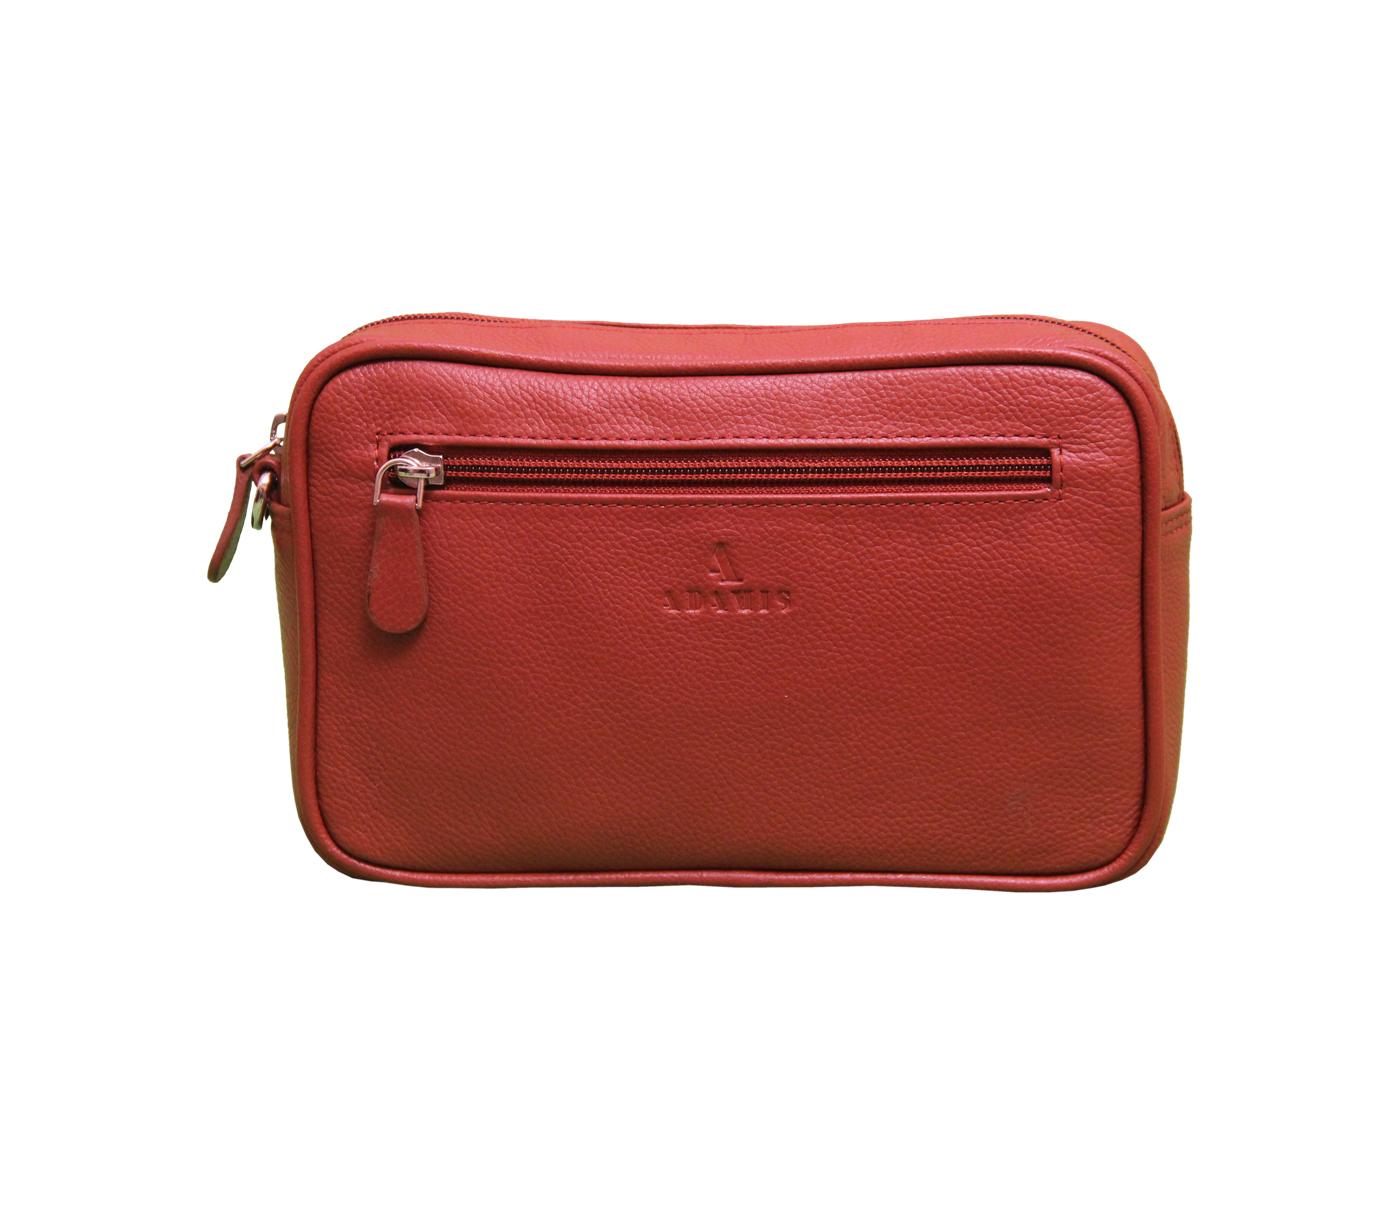 P19-Dierk-Men's bag cum travel pouch in Genuine Leather - Tan